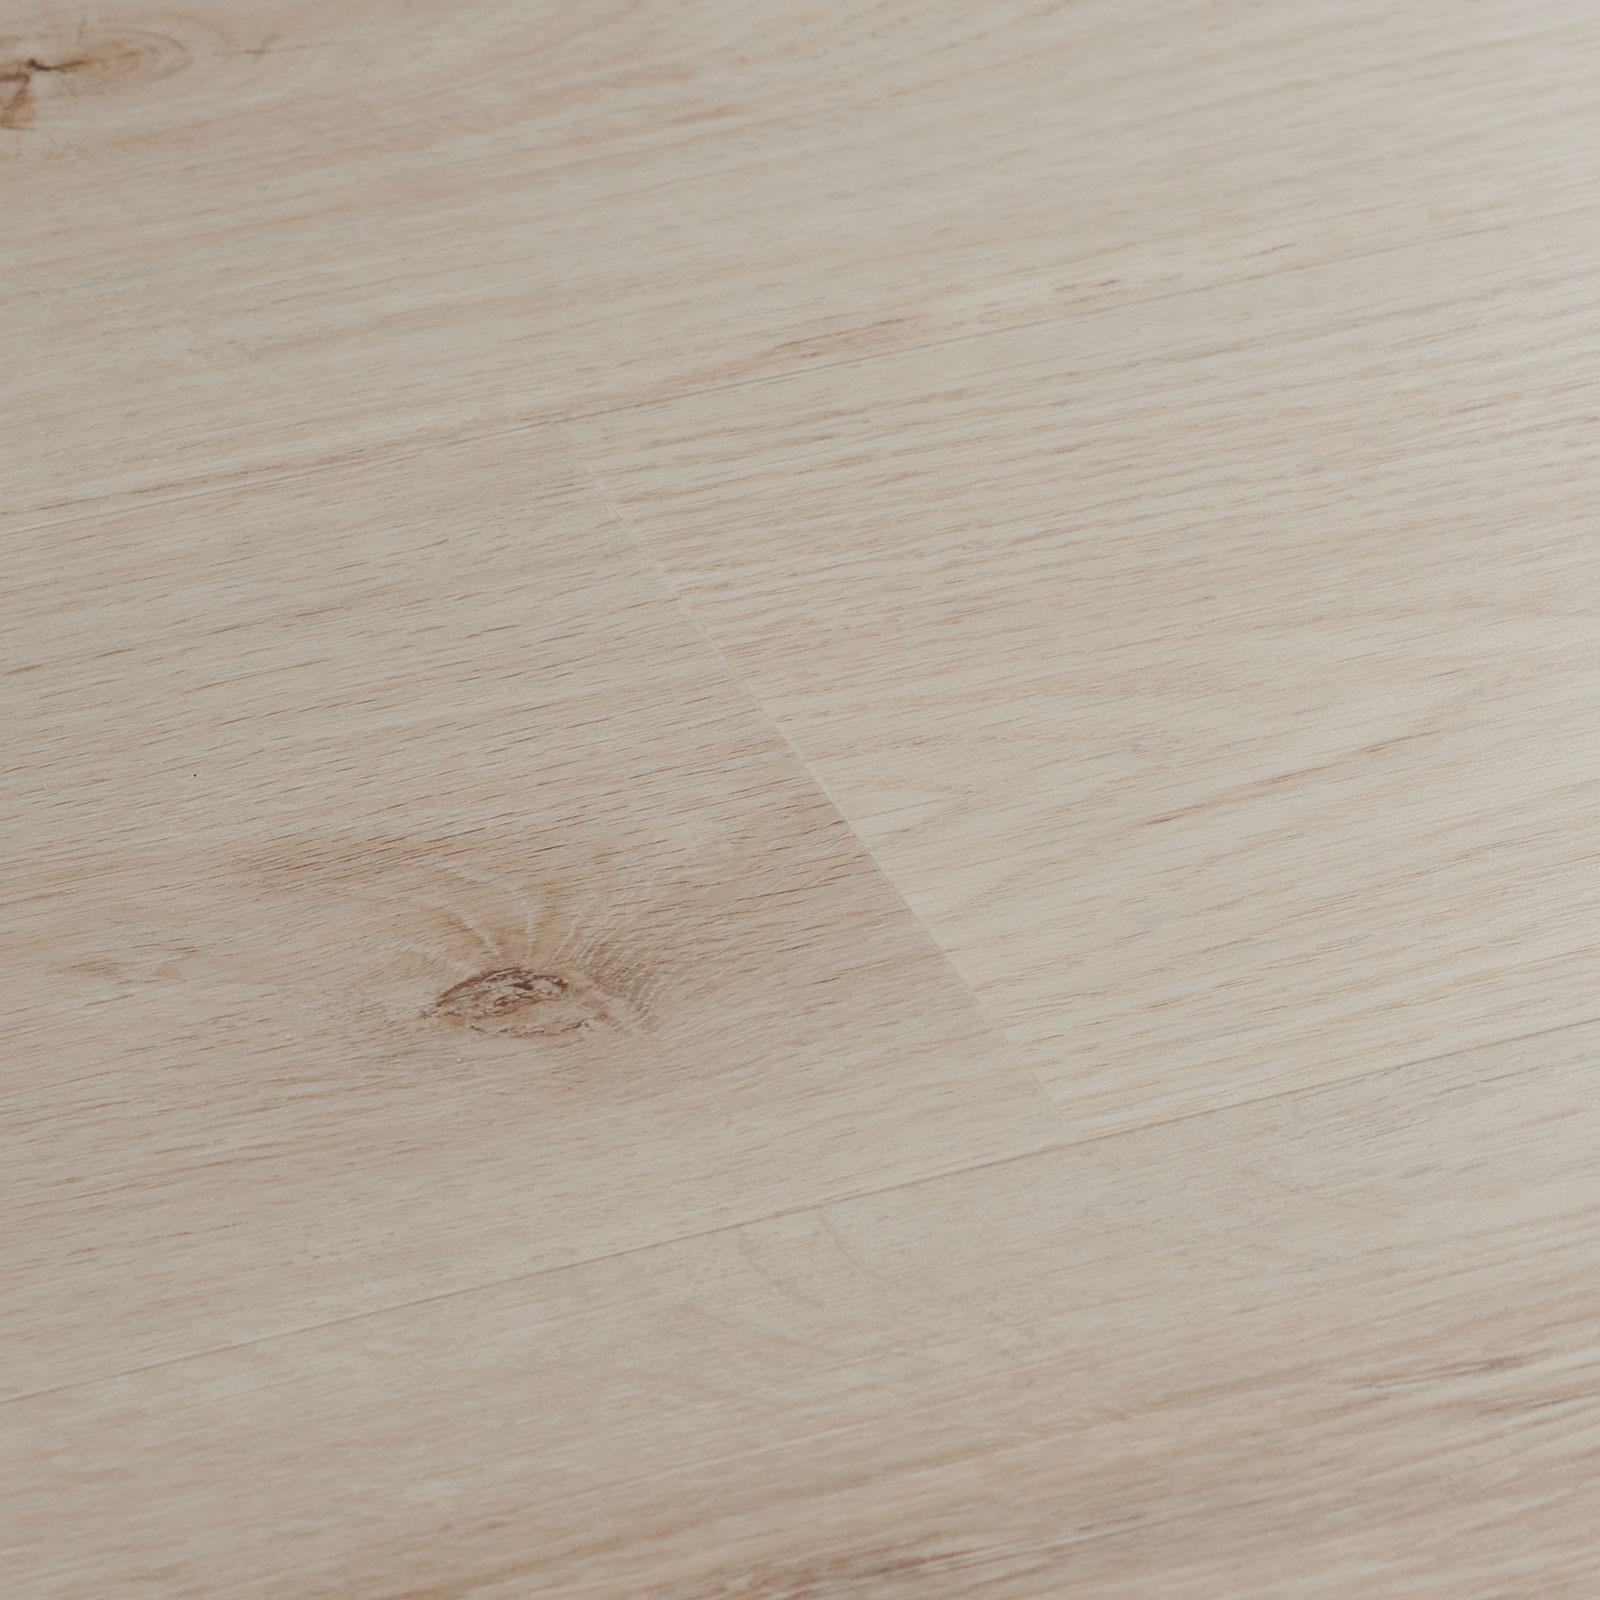 Brecon-Ivory-Oak-swatch.jpg